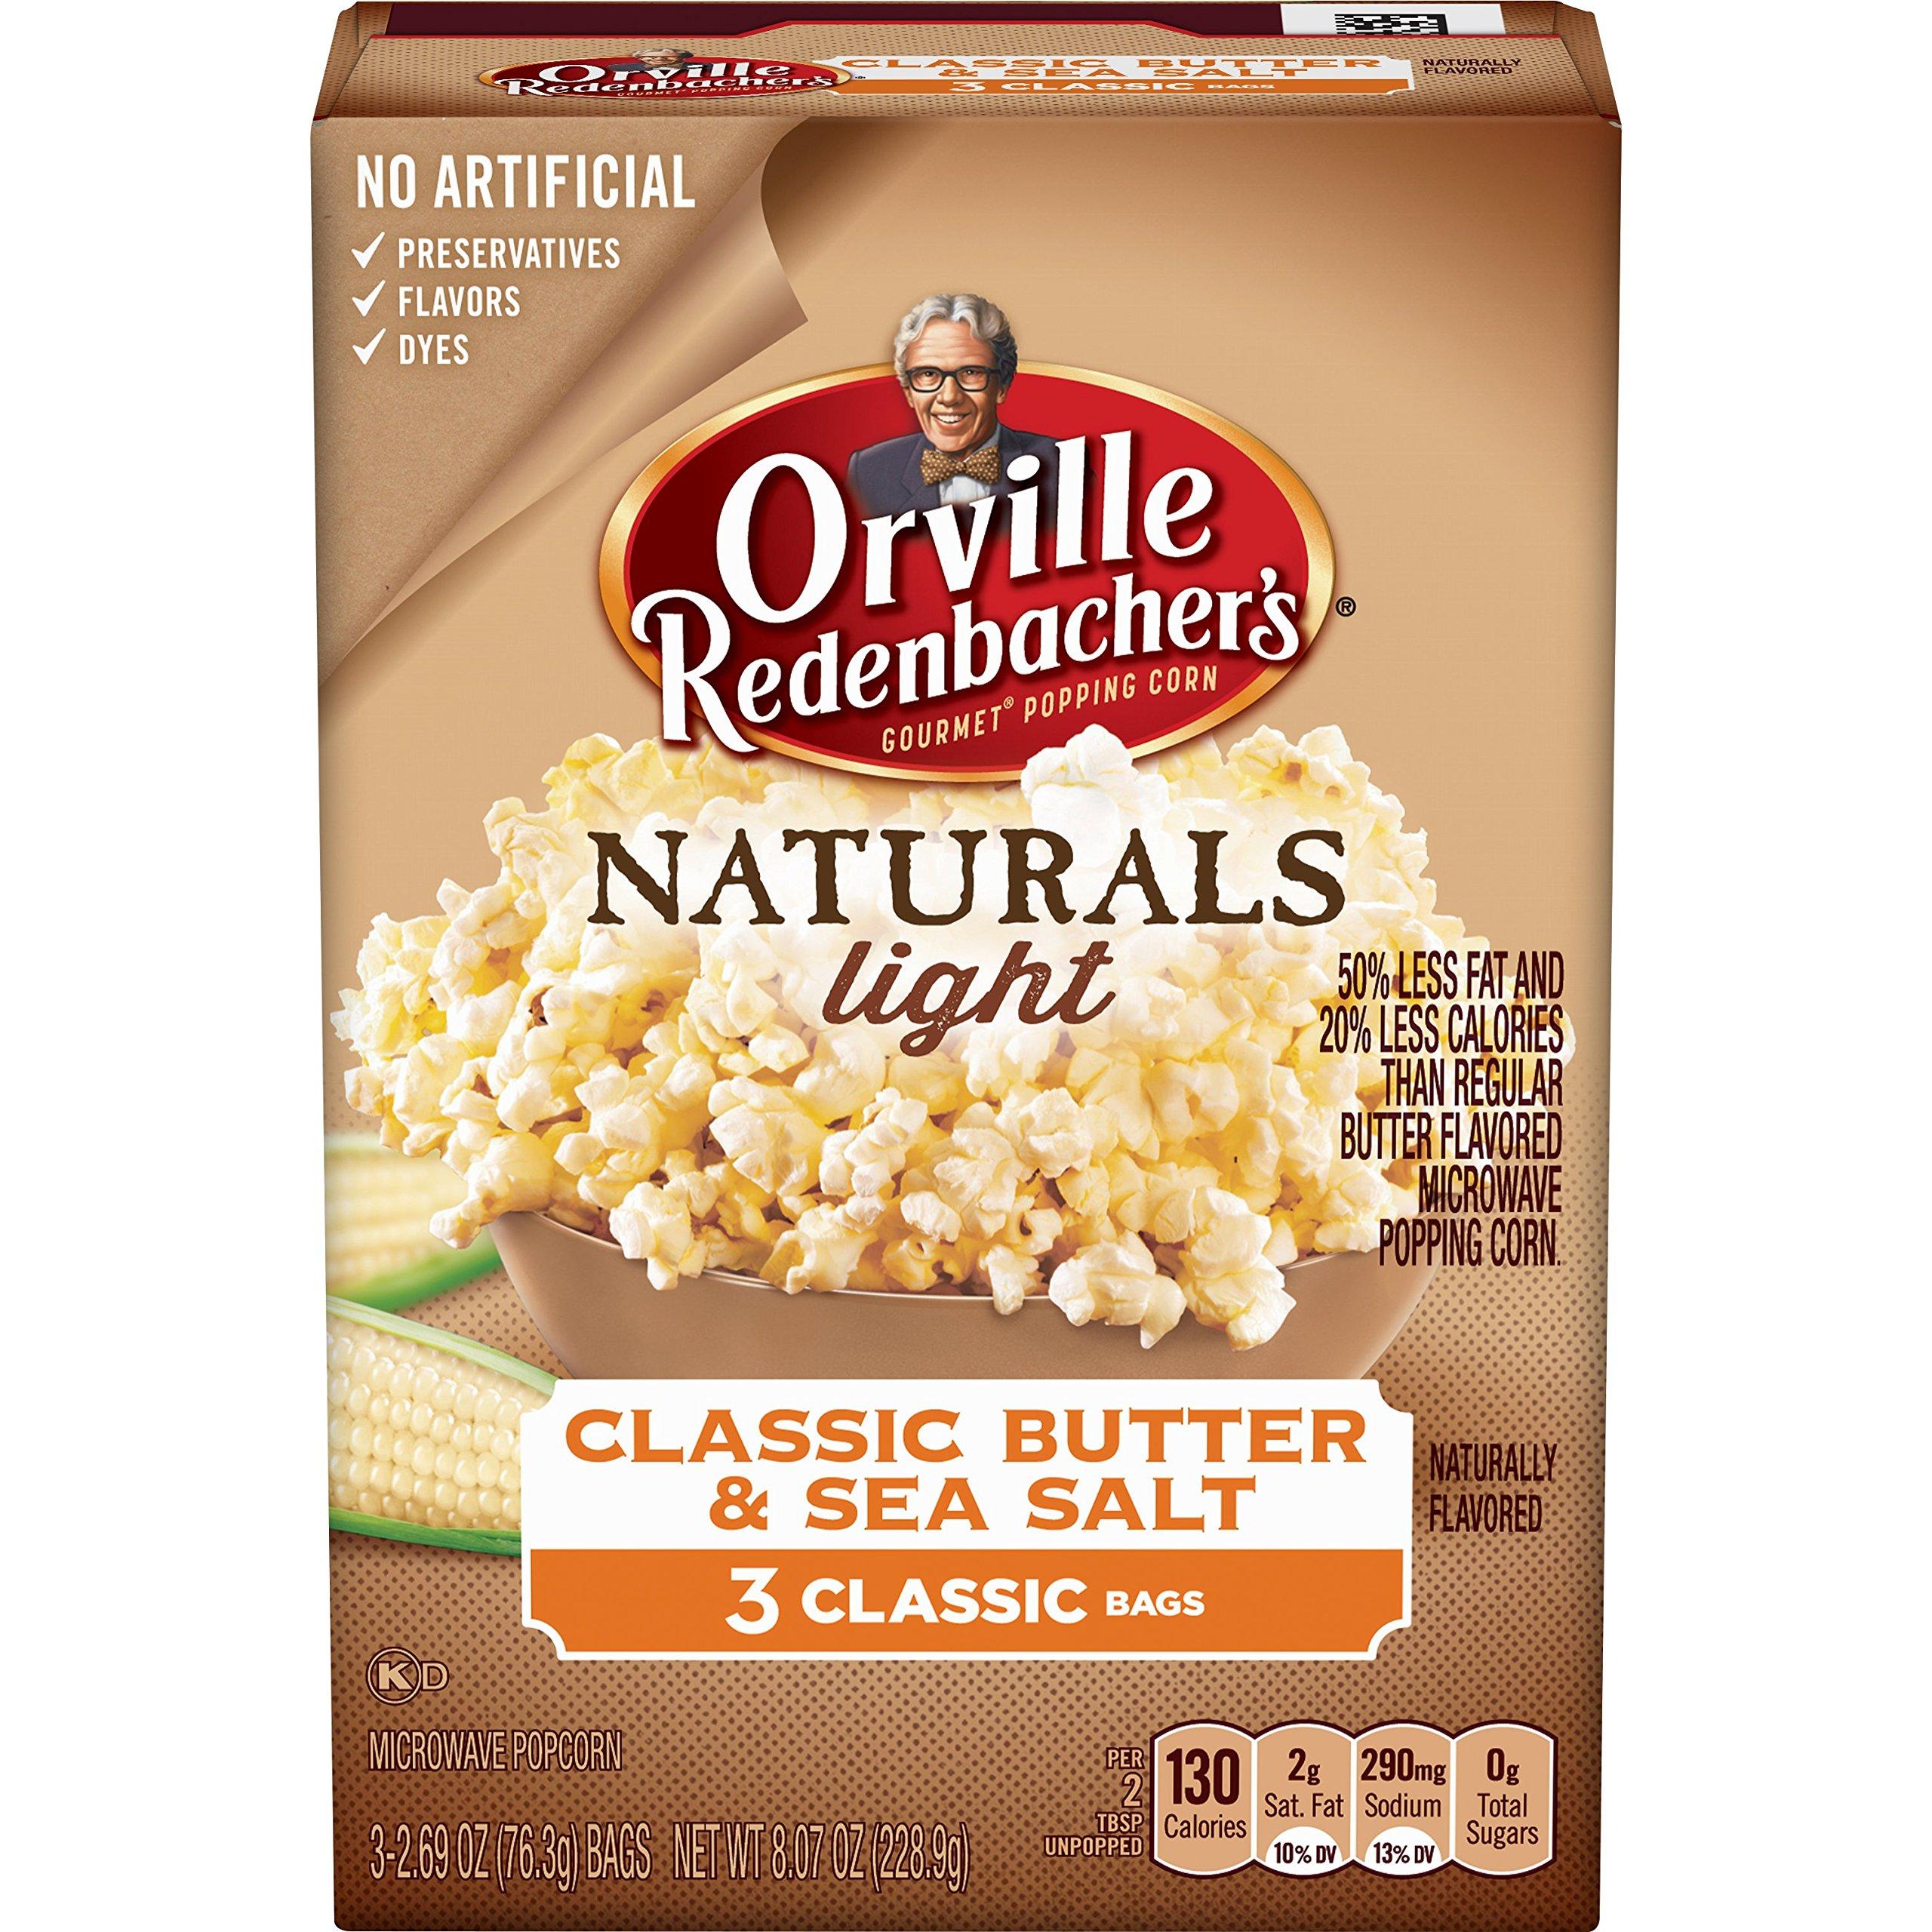 Orville Redenbacher's Naturals Light Classic Butter & Sea Salt Popcorn, Classic Bag, 3 Count